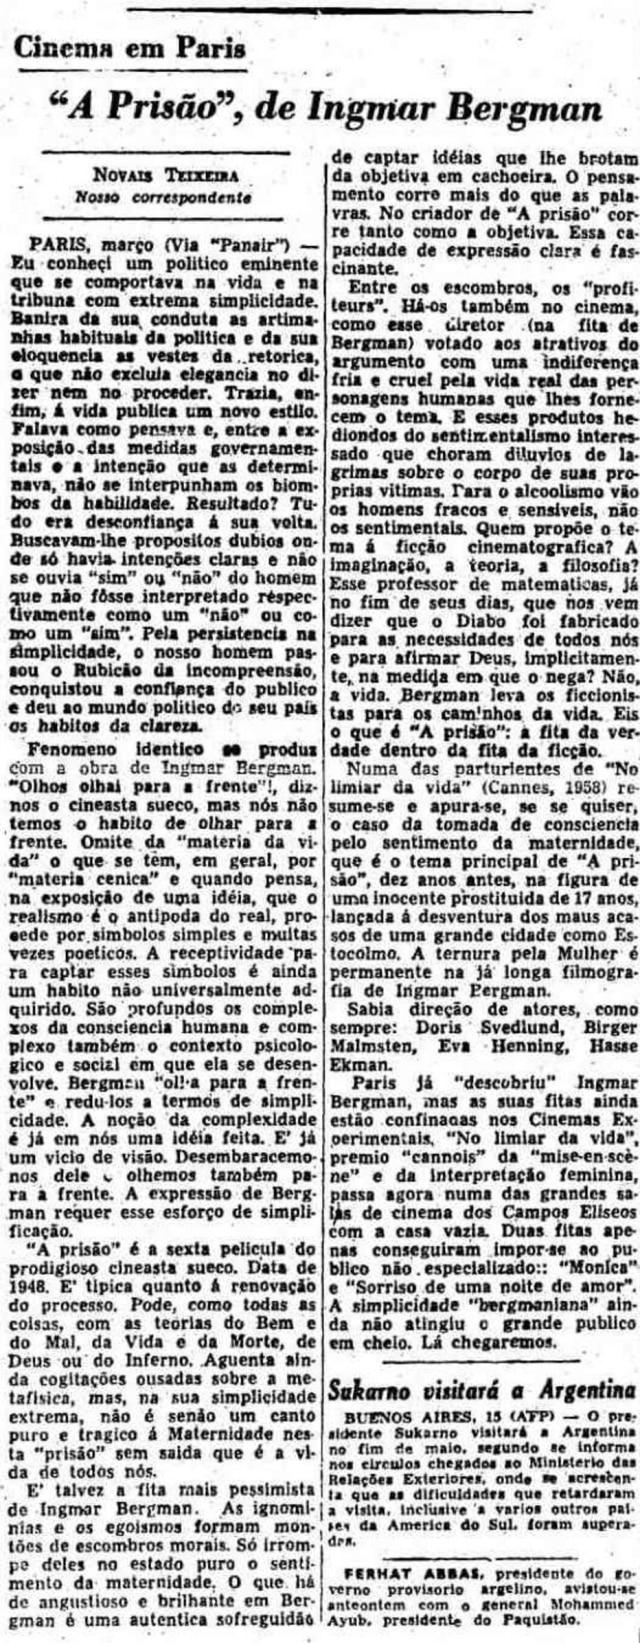 Texto de 16/4/1958 sobre o filme'A 'Prisão', de Ingmar Bergman.